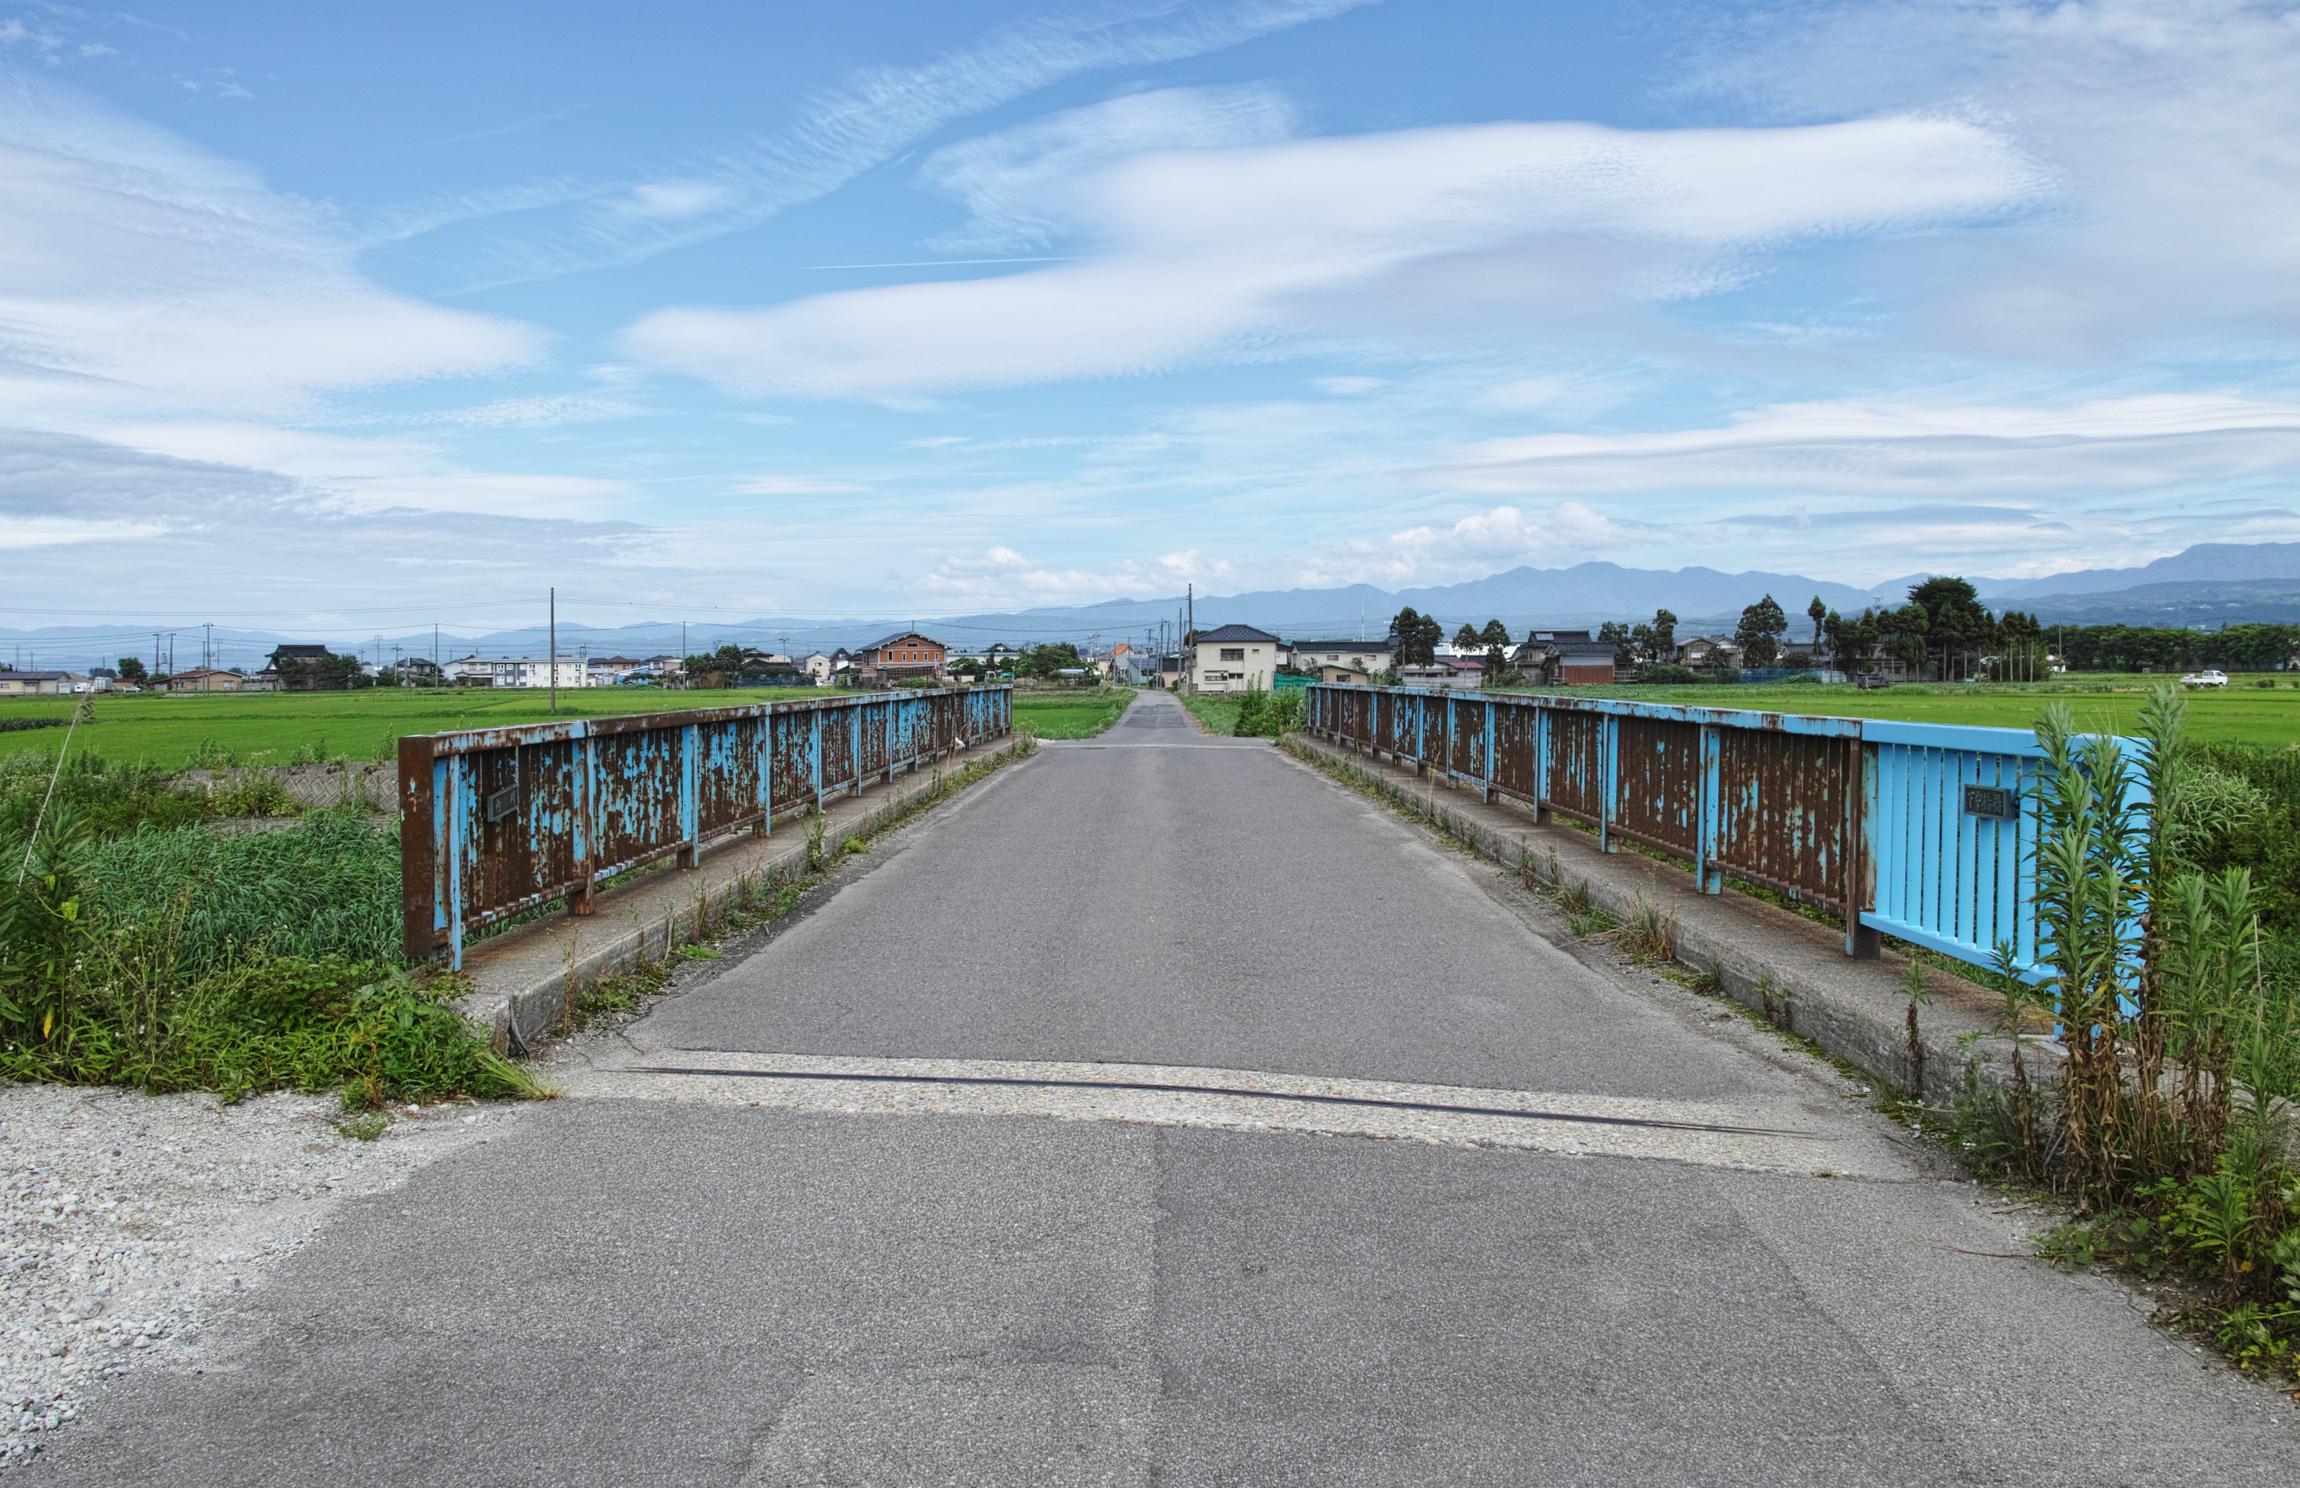 内川に架かる橋 その6 - 今日平の写真ブログ